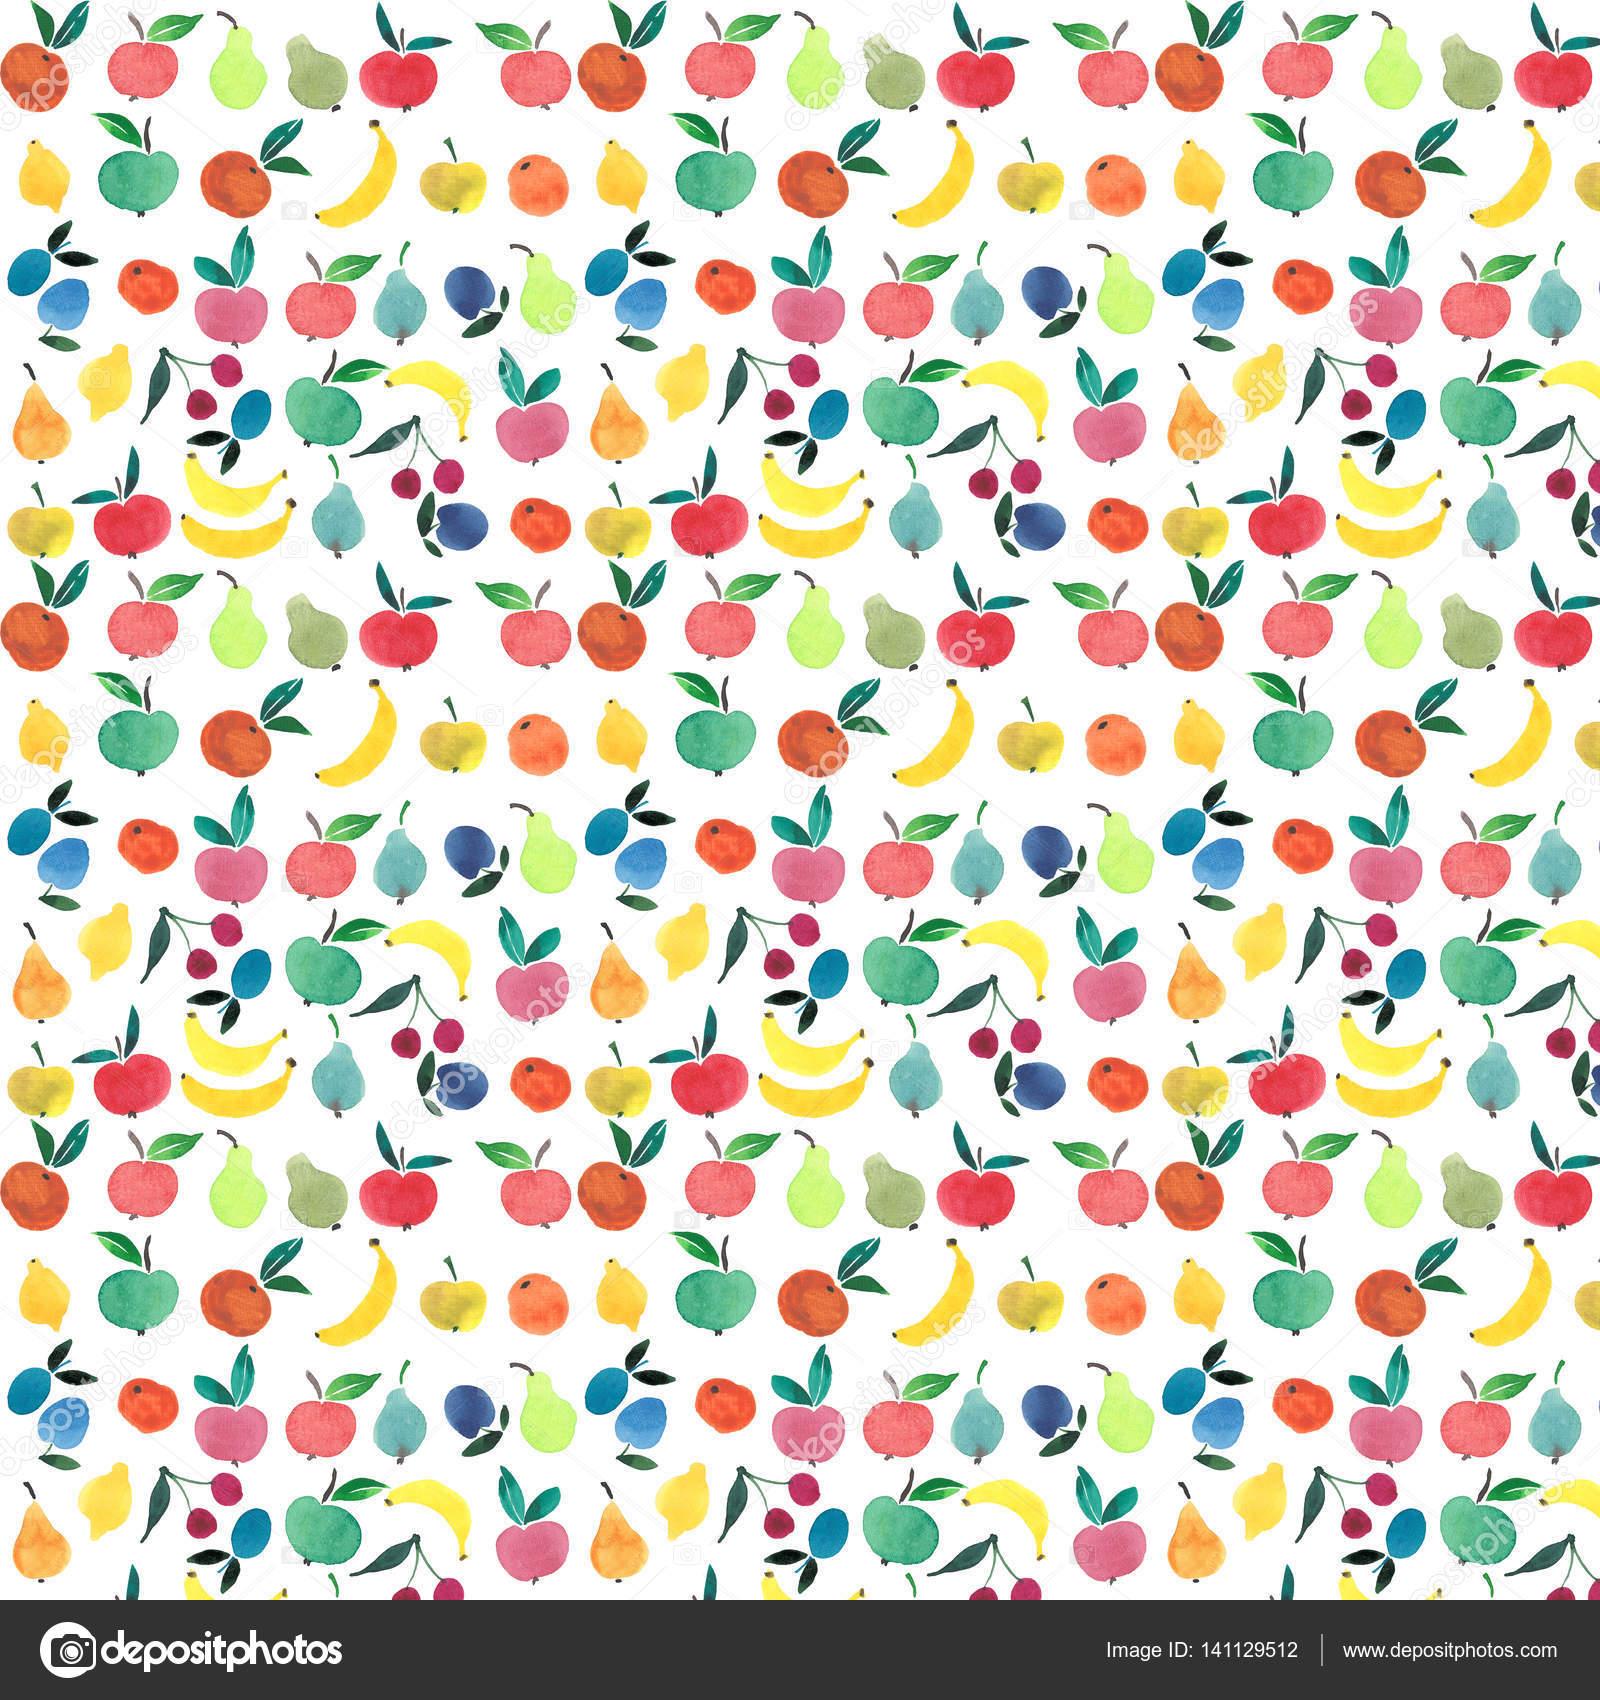 Viele Verschiedene Früchte Und Beeren Helles Muster Aquarell Hand